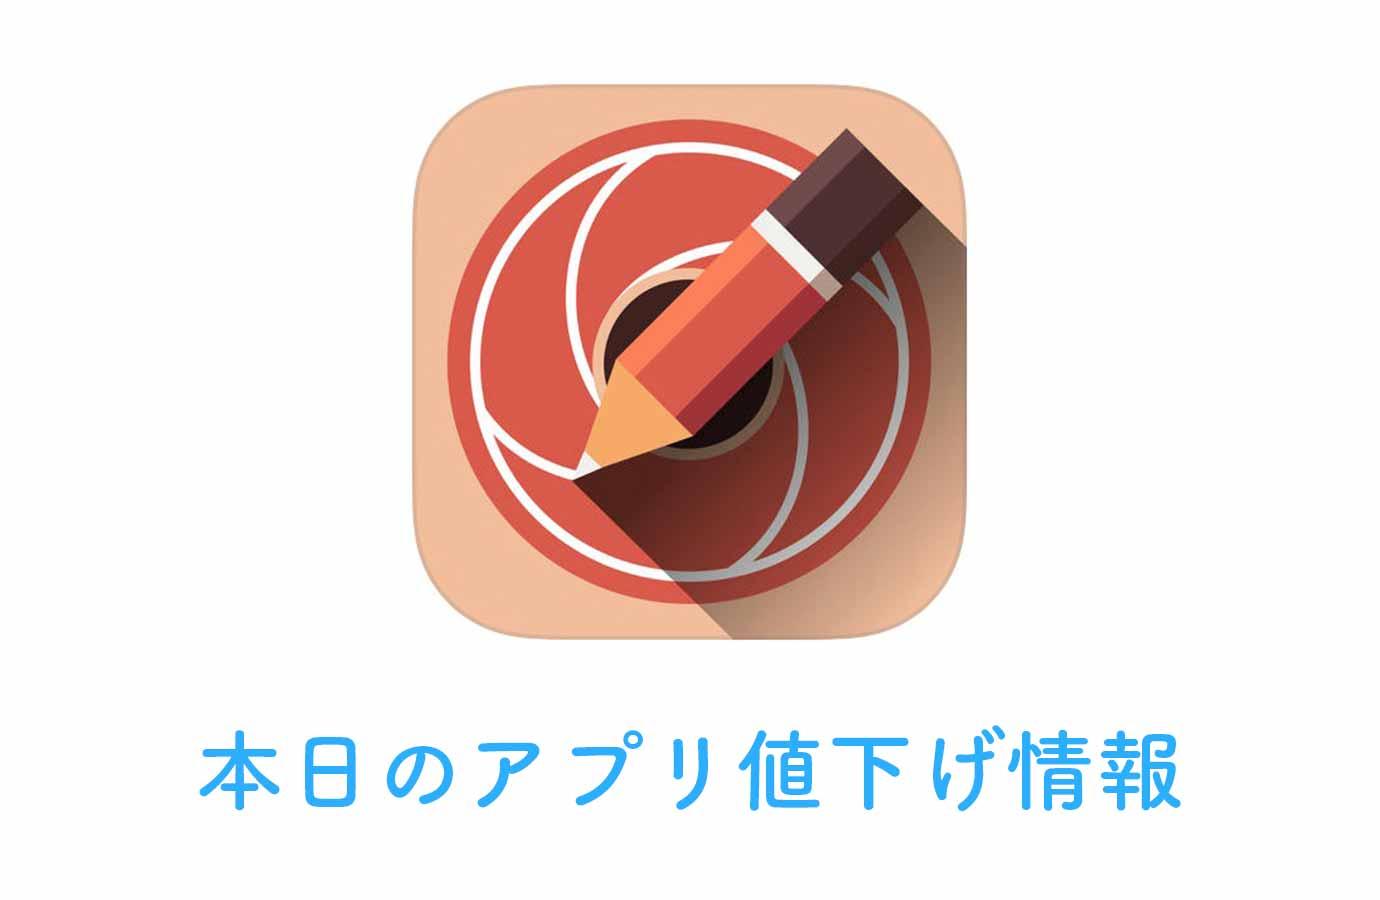 240円→無料!撮った写真をスケッチ風に加工できる「Sketch Me!」など【7/4版】アプリ値下げ情報